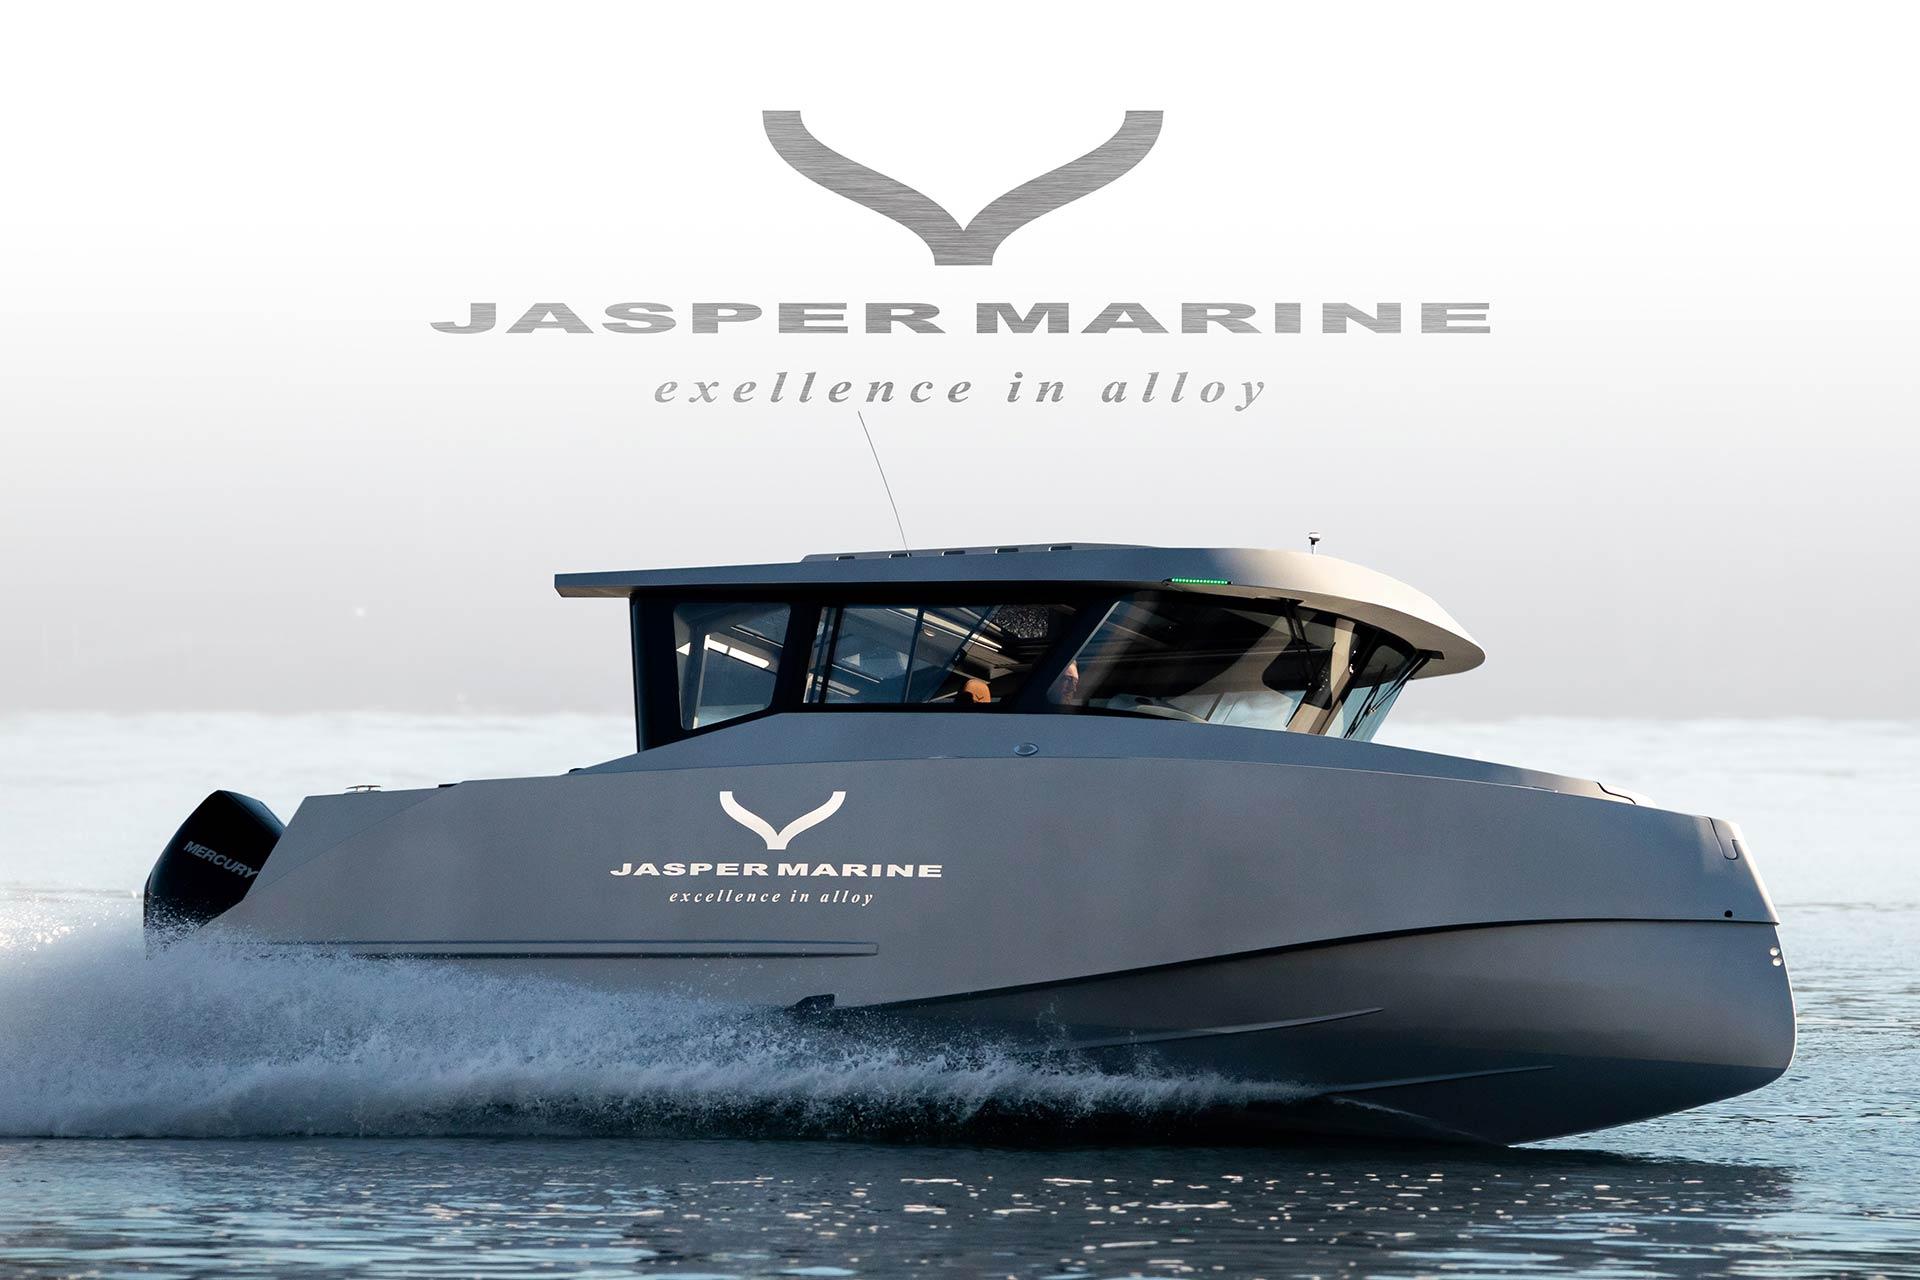 Jasper Marine